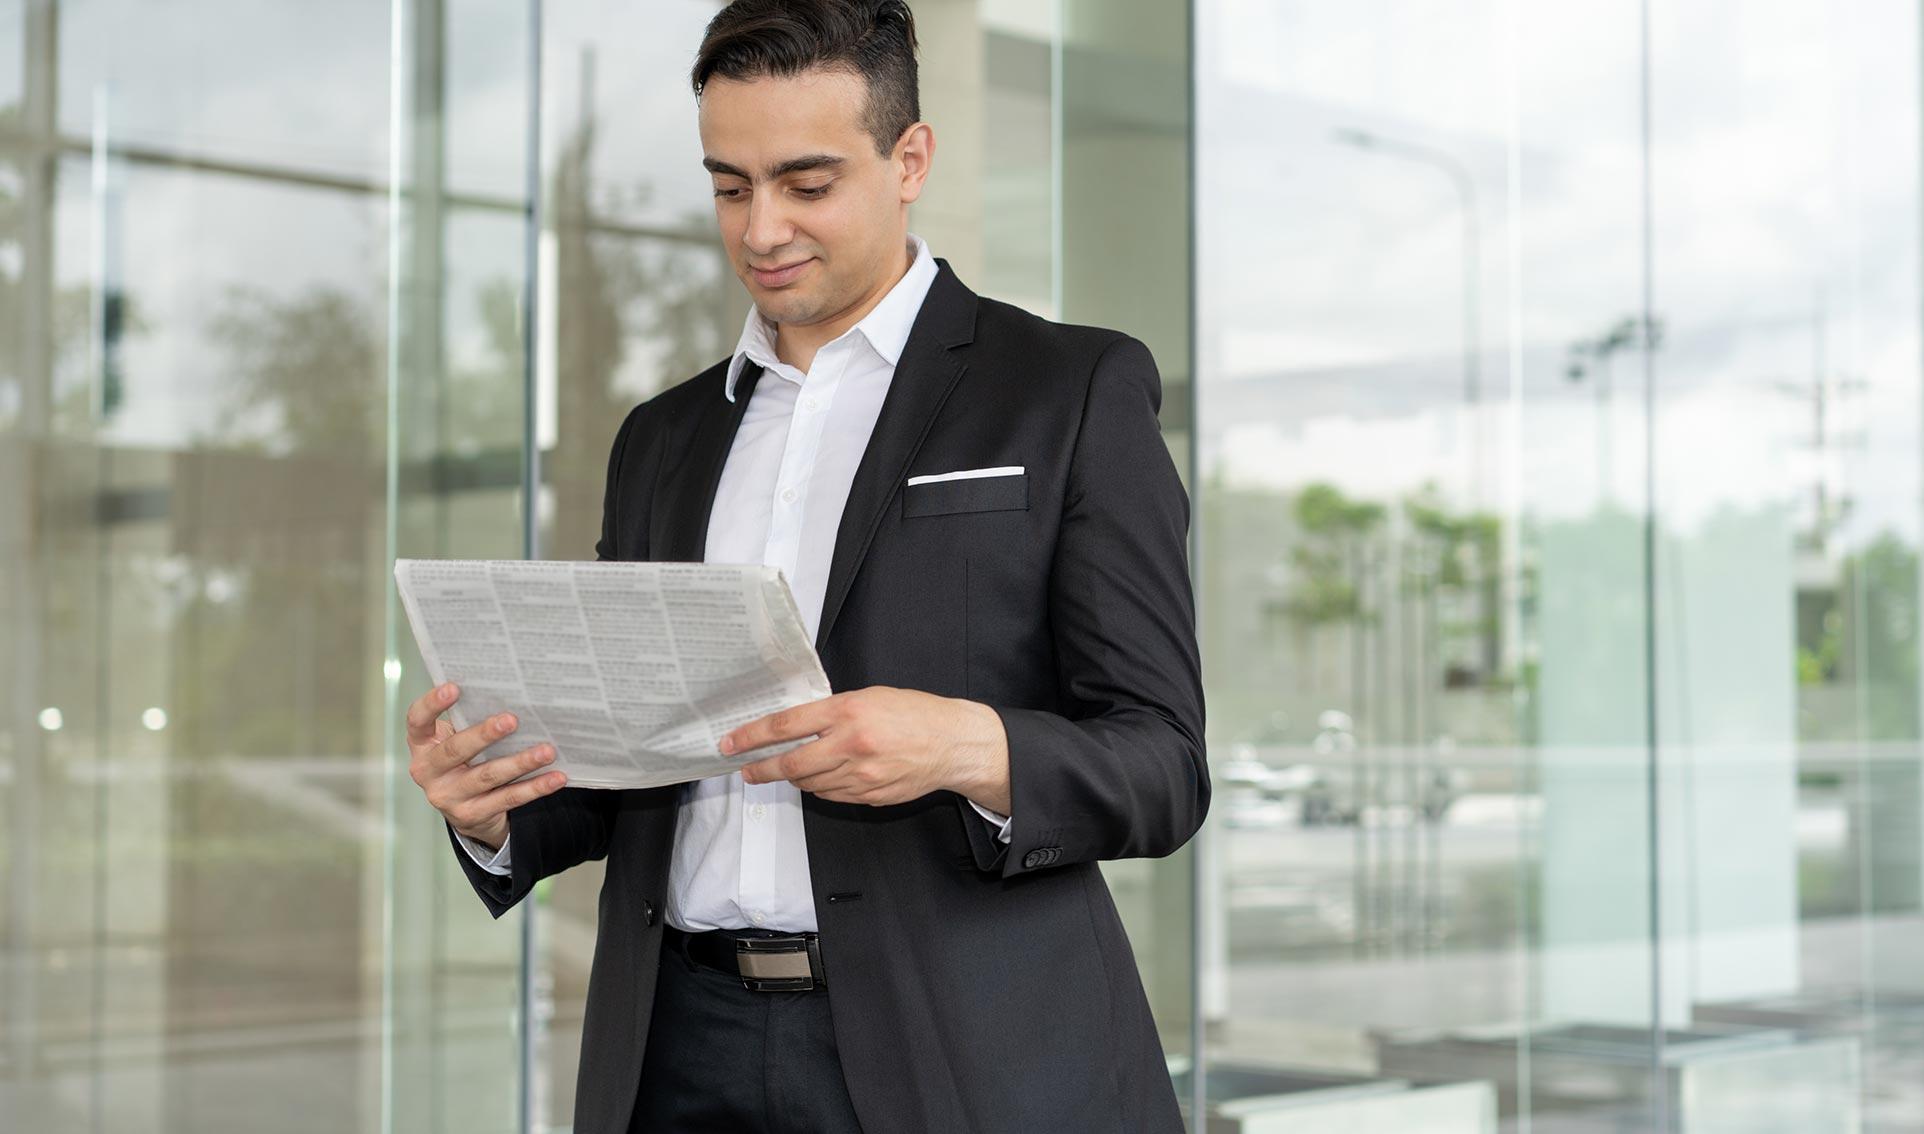 man reads news paper